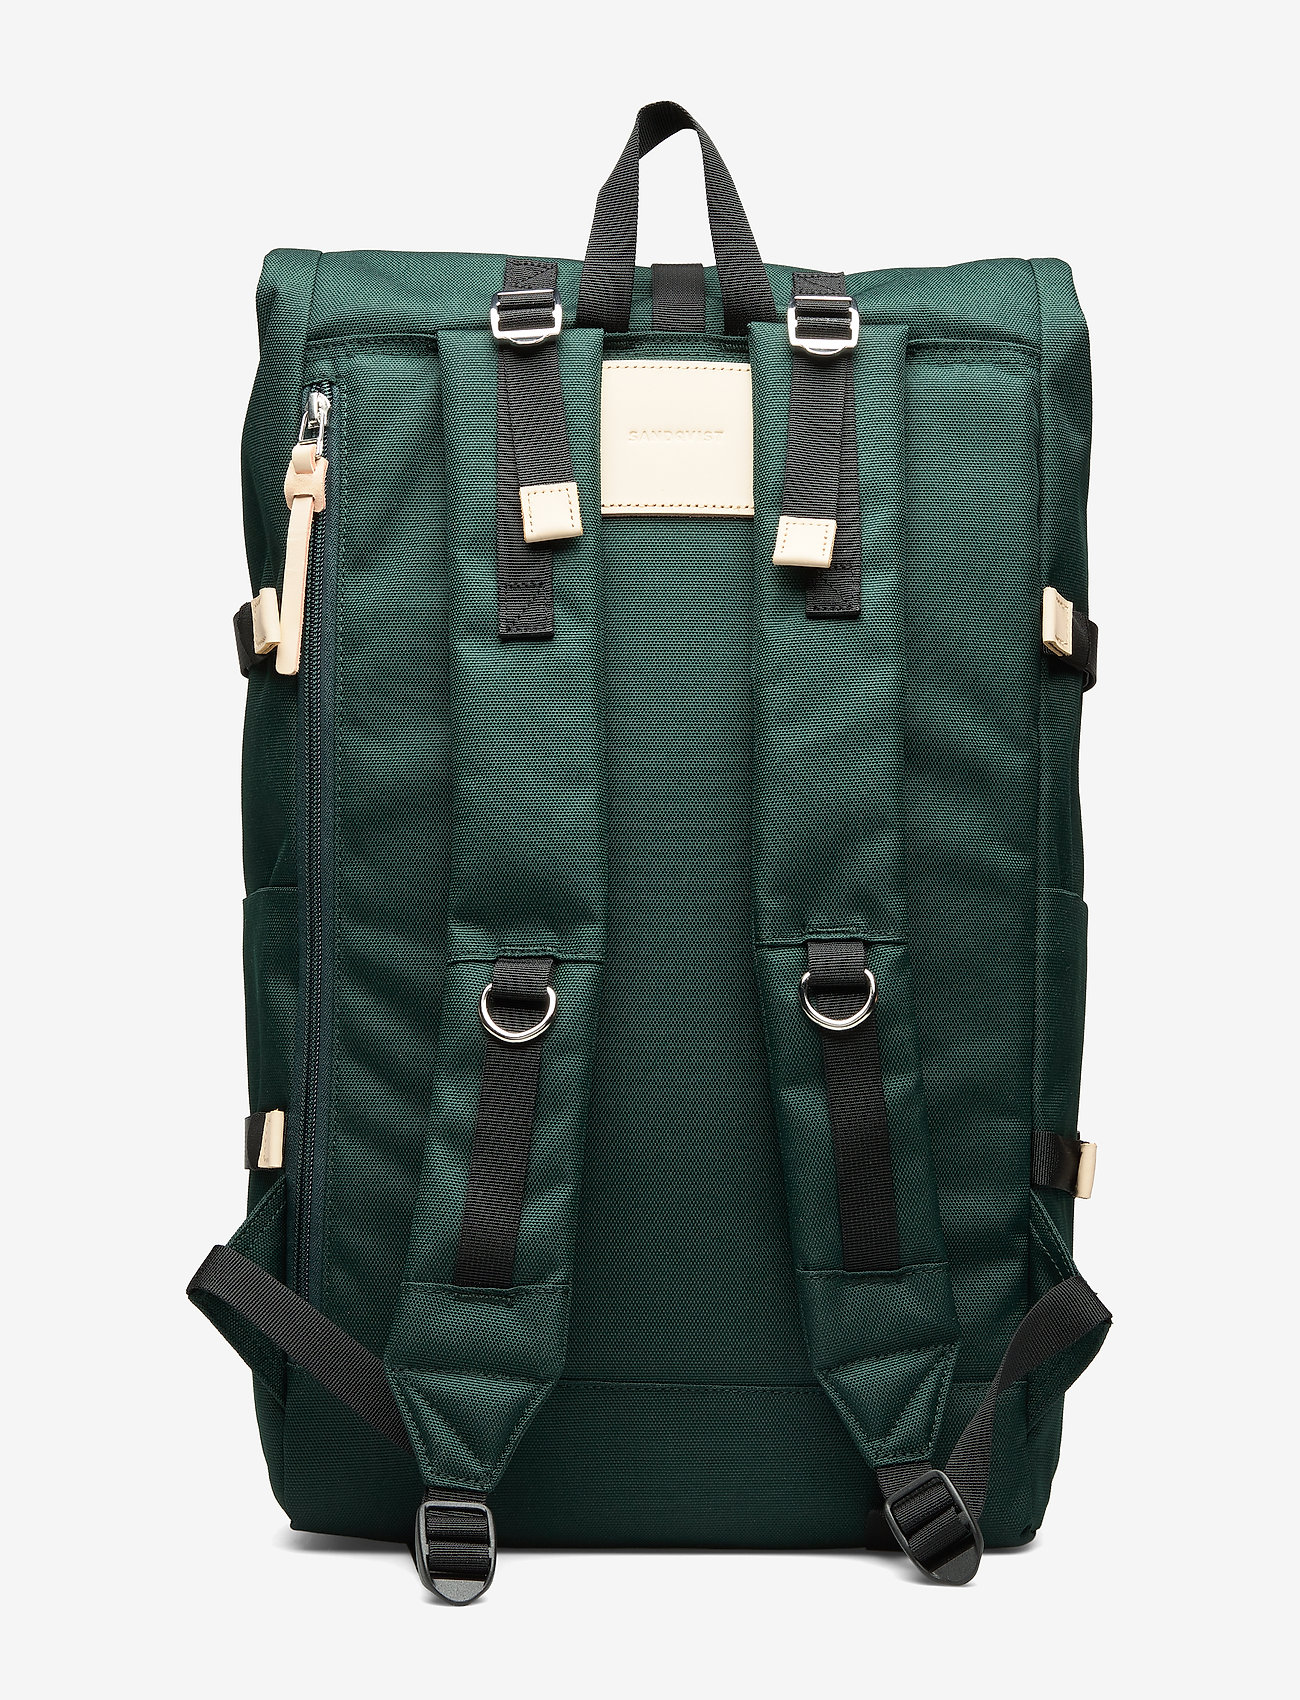 SANDQVIST - BERNT - nieuwe mode - dark green with natural leather - 2